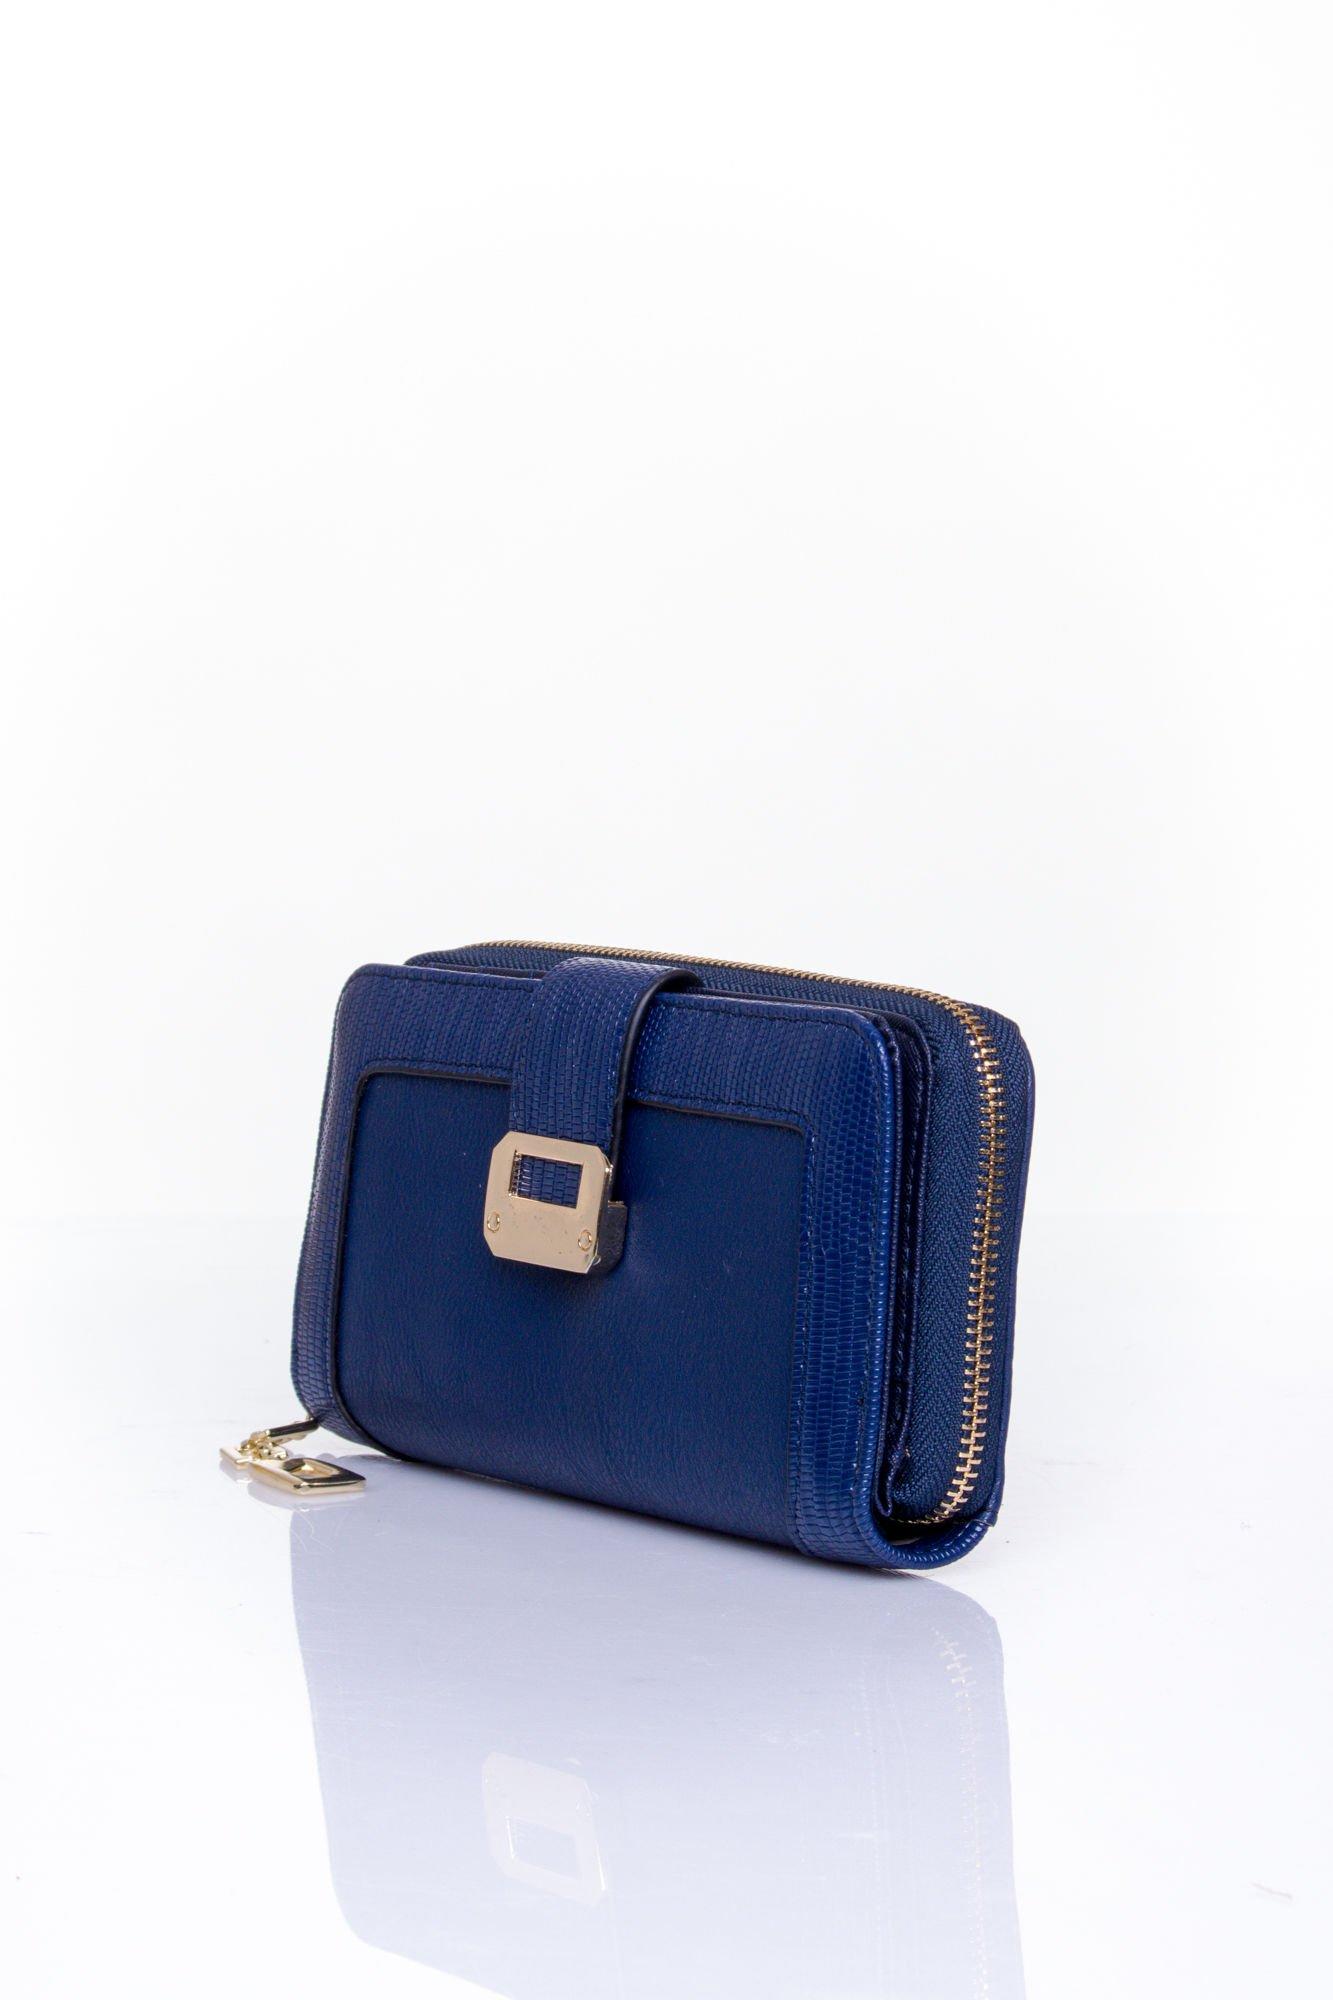 Granatowy portfel ze złotą klamerką                                  zdj.                                  3